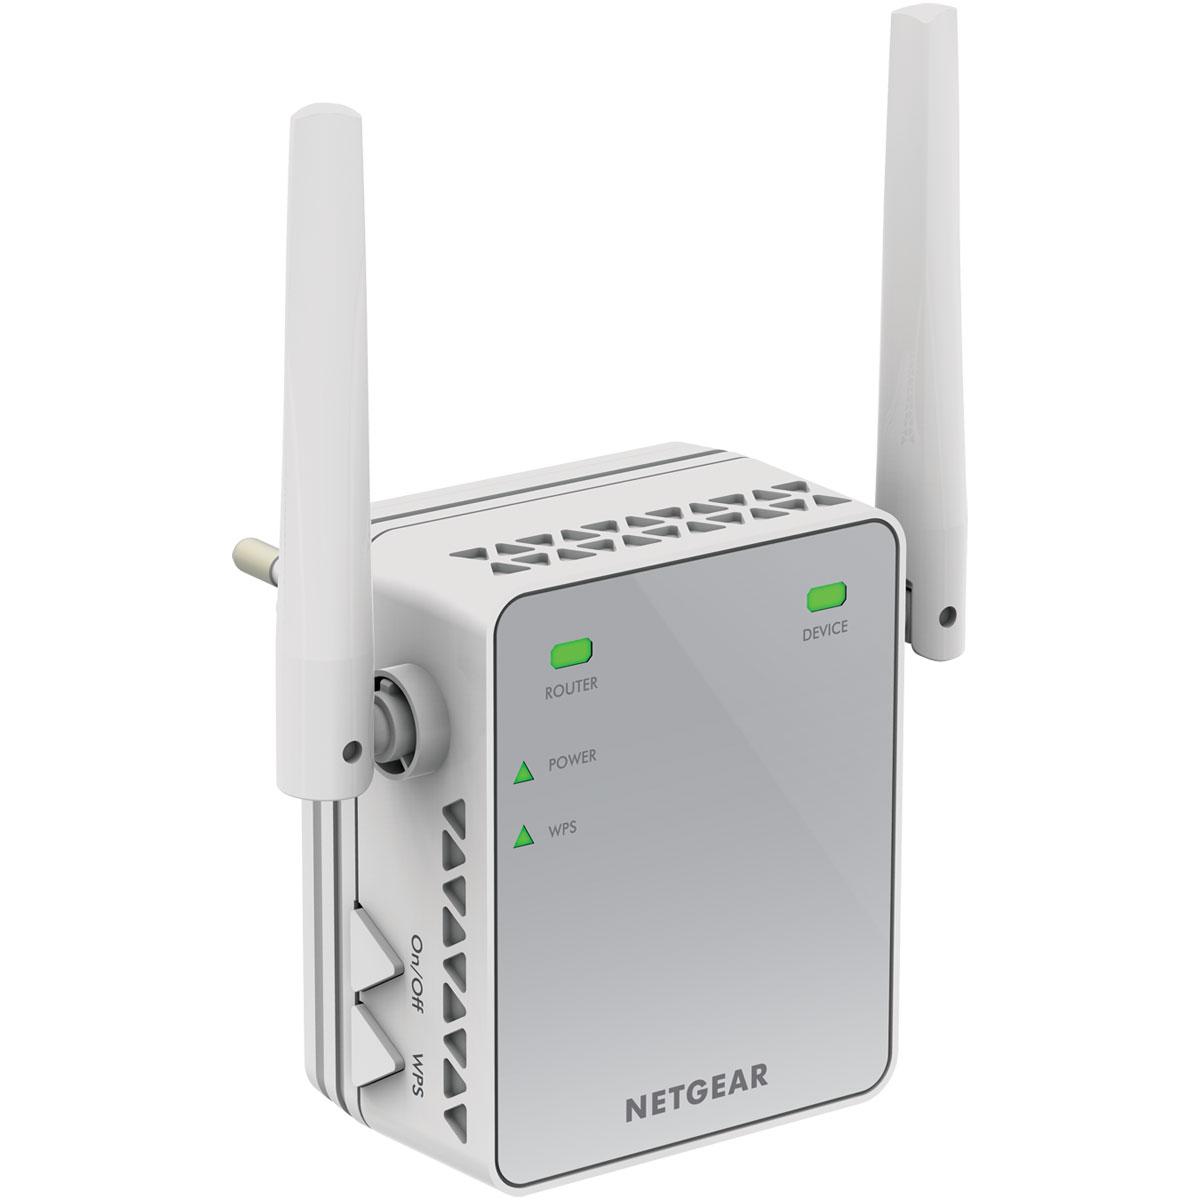 Netgear ex2700 r p teur wi fi netgear sur ldlc - Augmenter portee votre wifi avec repeteur ...